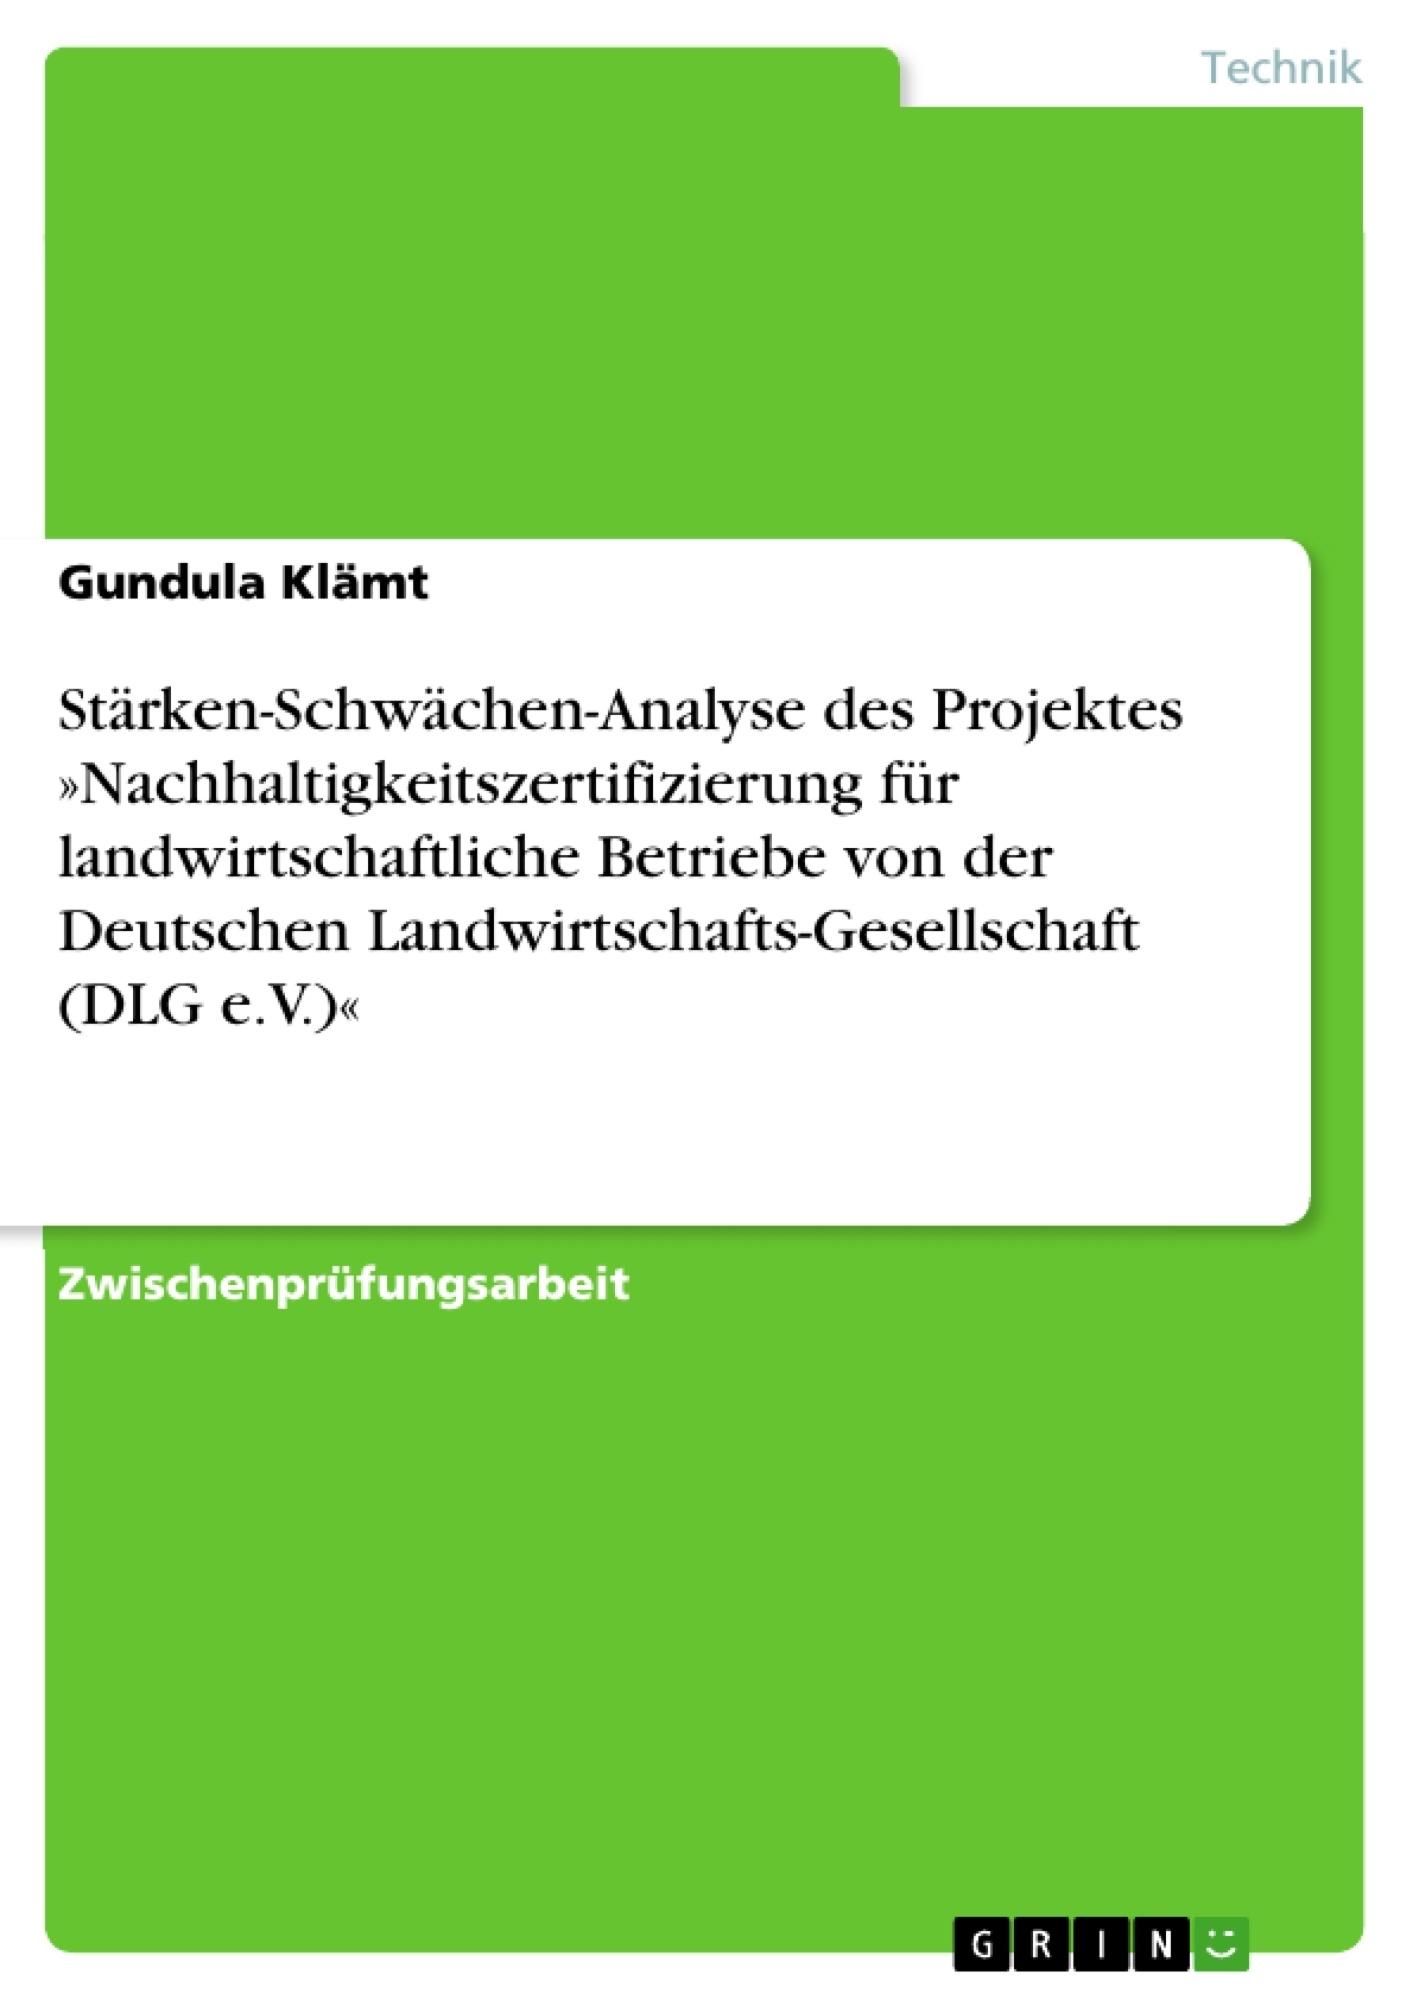 Titel: Stärken-Schwächen-Analyse des Projektes »Nachhaltigkeitszertifizierung für landwirtschaftliche Betriebe von der Deutschen Landwirtschafts-Gesellschaft (DLG e.V.)«